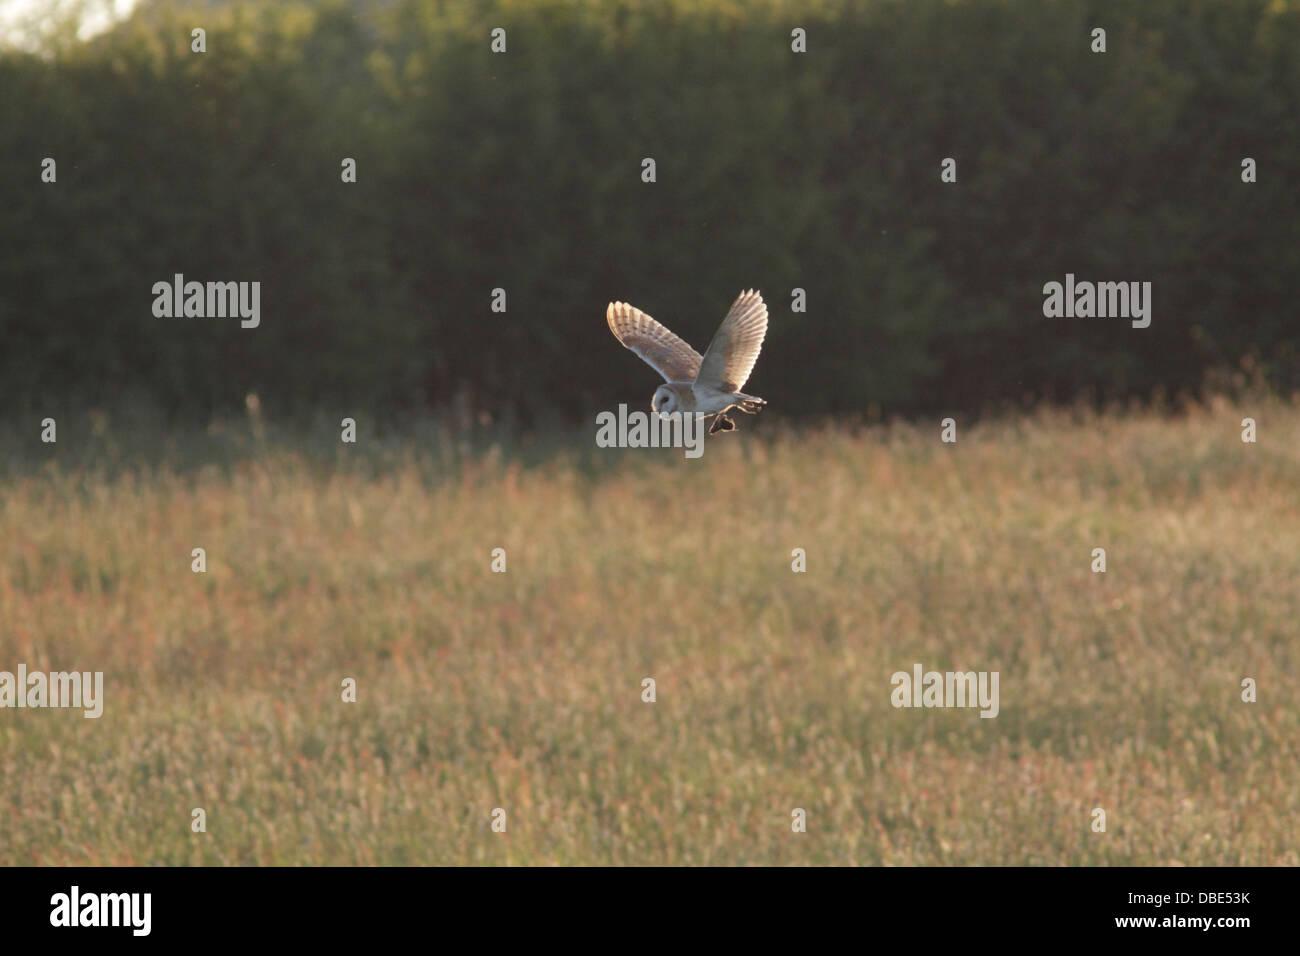 Schleiereule (Tyto Alba) Erwachsenen, während des Fluges mit Beute, über raue Feld, Ackerland, West Yorkshire, England Stockfoto